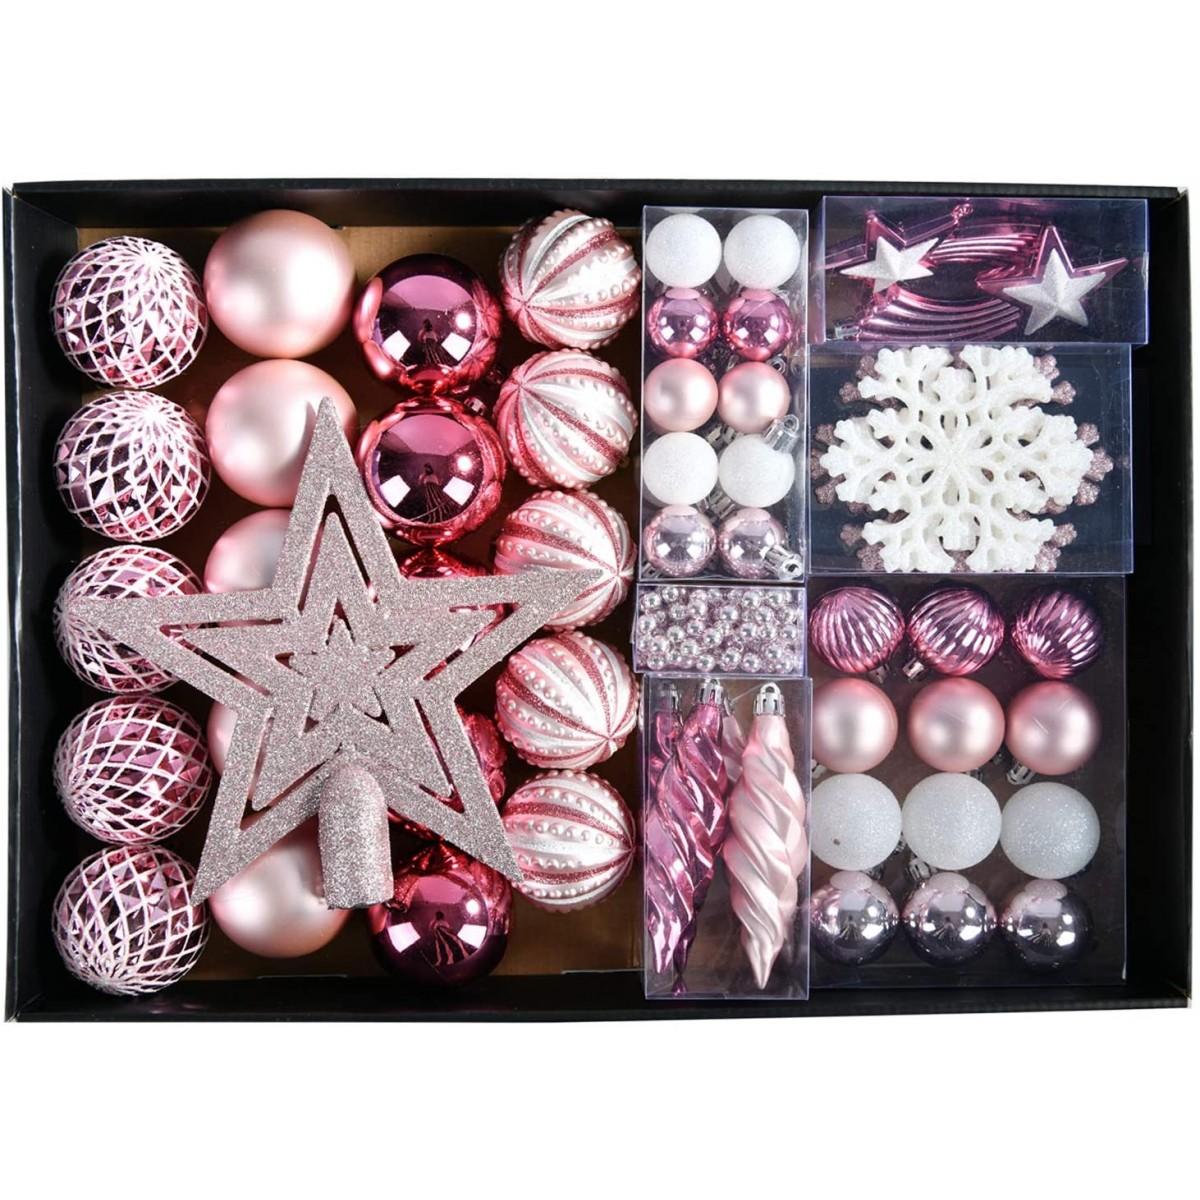 Addobbi Albero Natale.Set Decorazioni Albero Di Natale Rosa Gold Con 68 Palline E Accessori